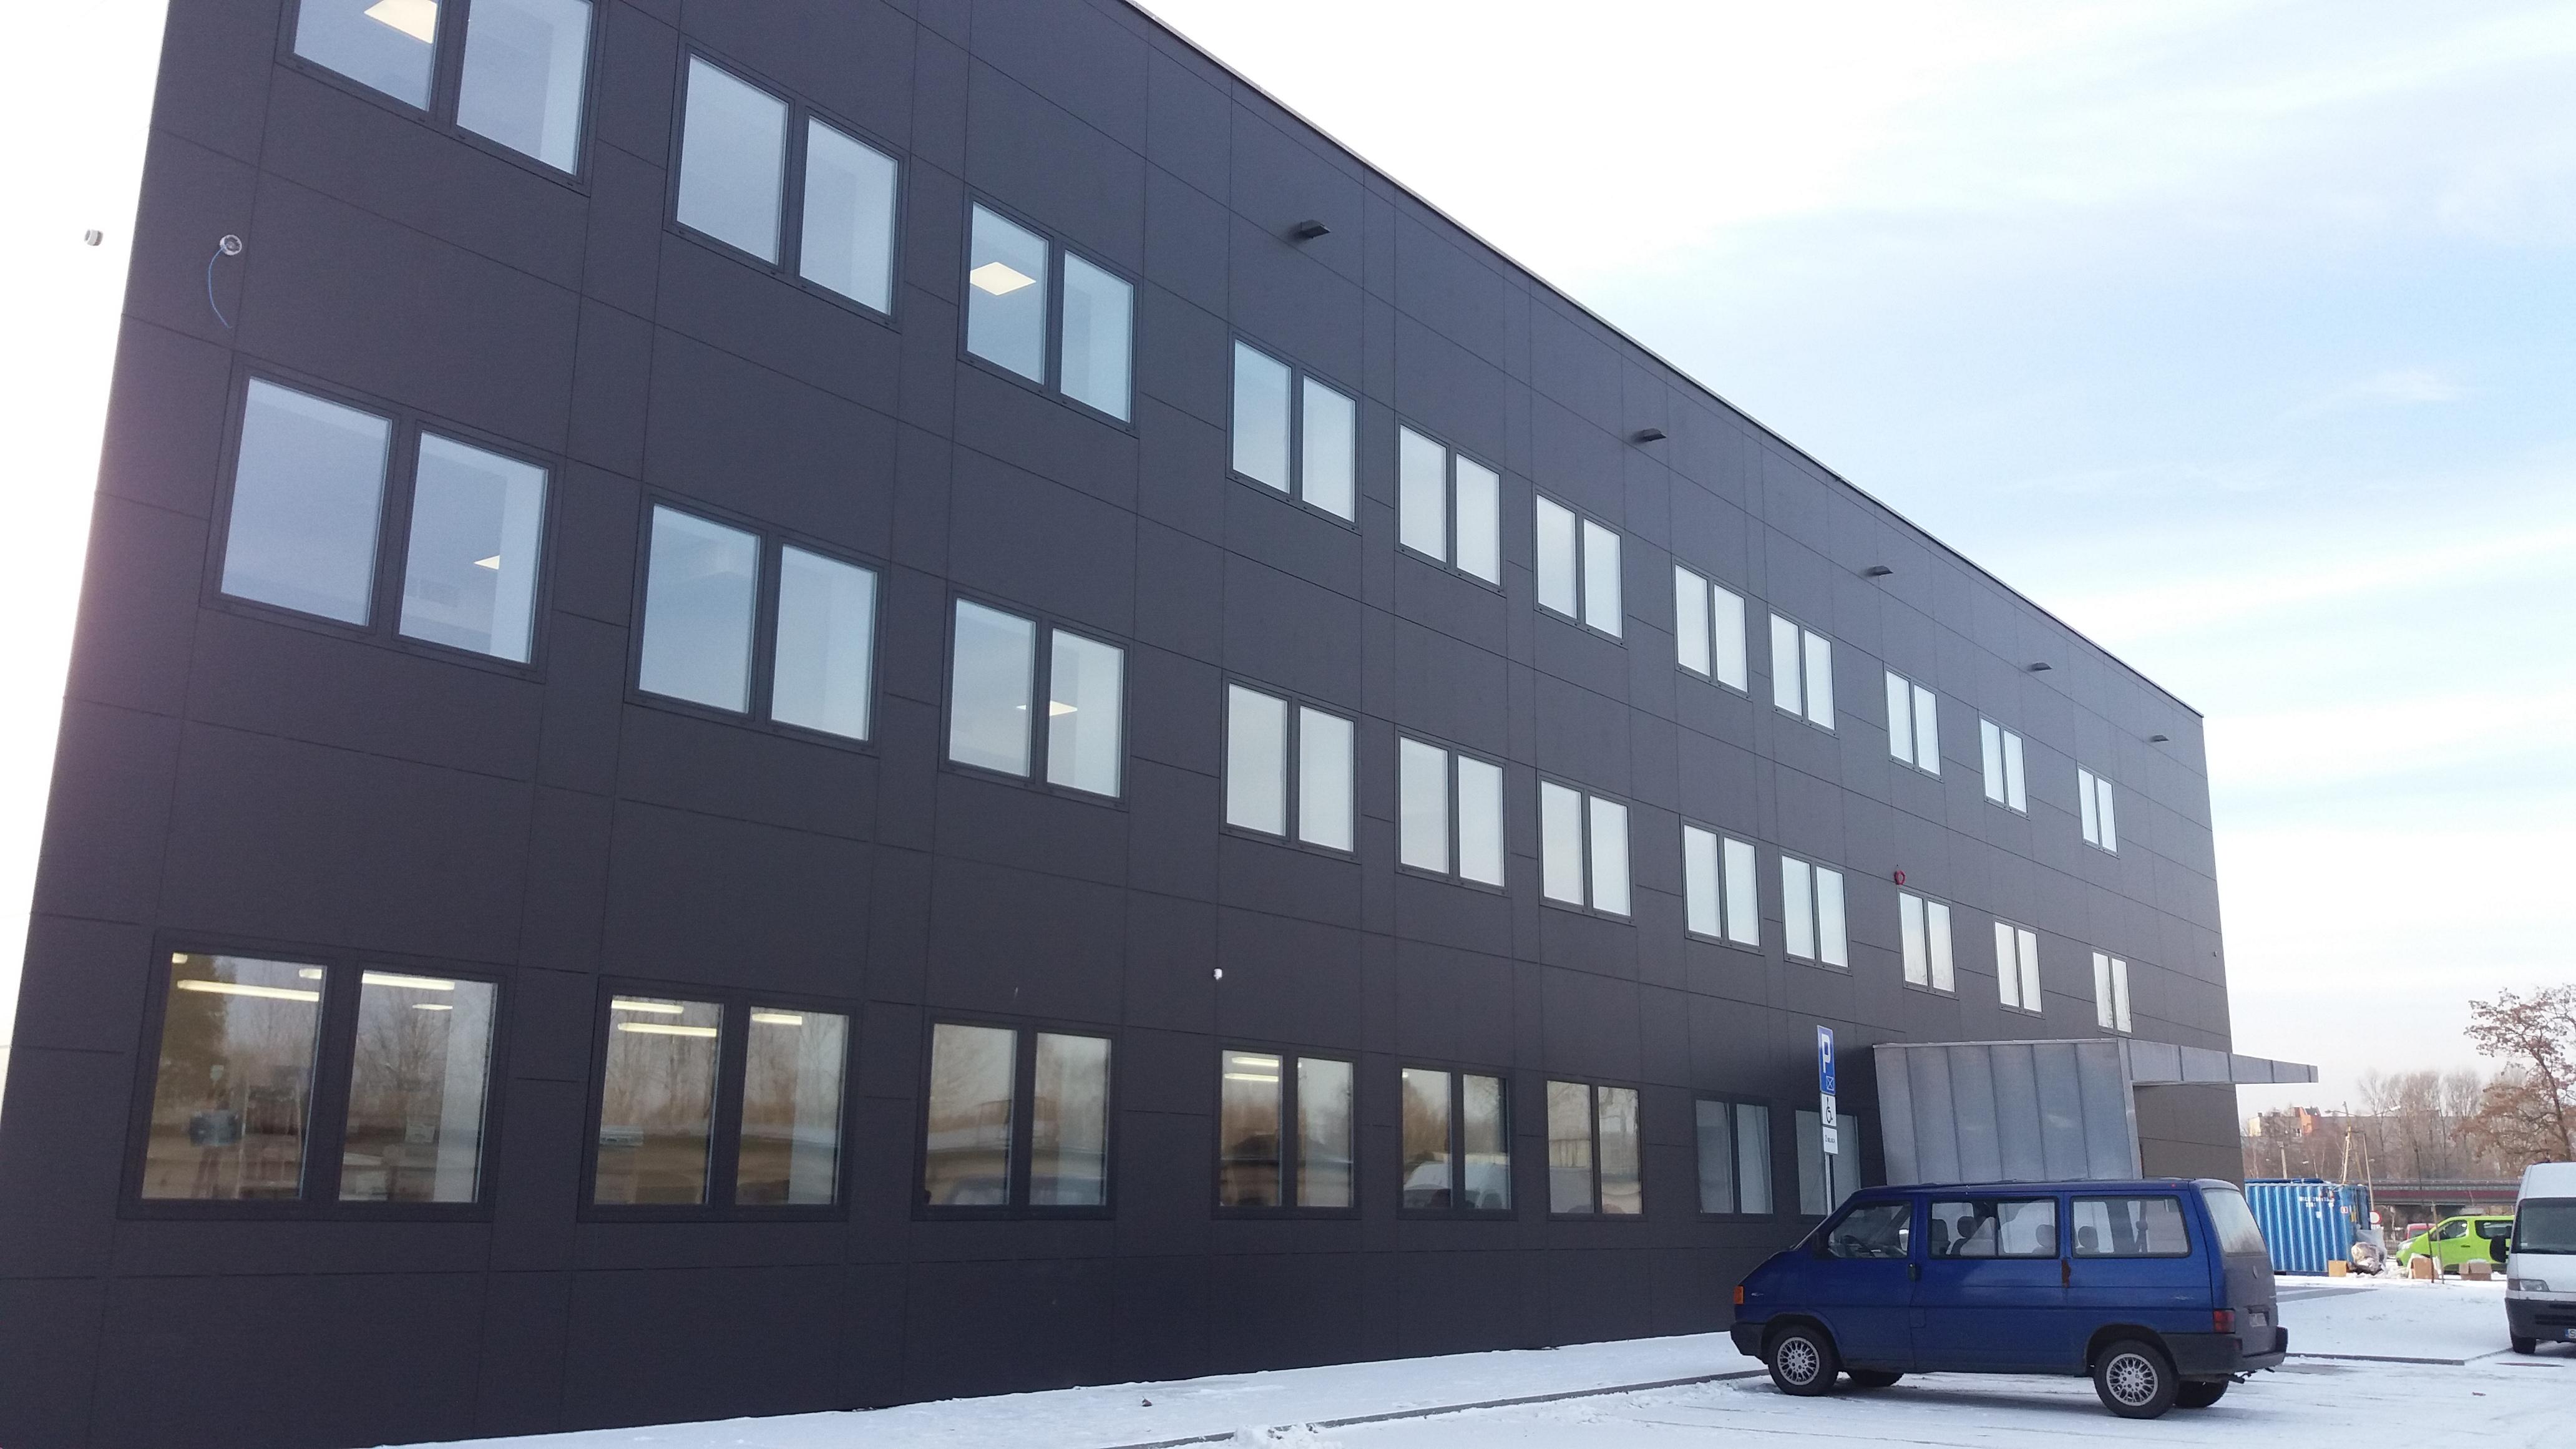 Automatyka źródła ciepła i chłodu w budynku biurowym Przedsiębiorstwa Miejskiego MZUM.PL S.A. w Dąbrowie Górniczej (listopad 2016)